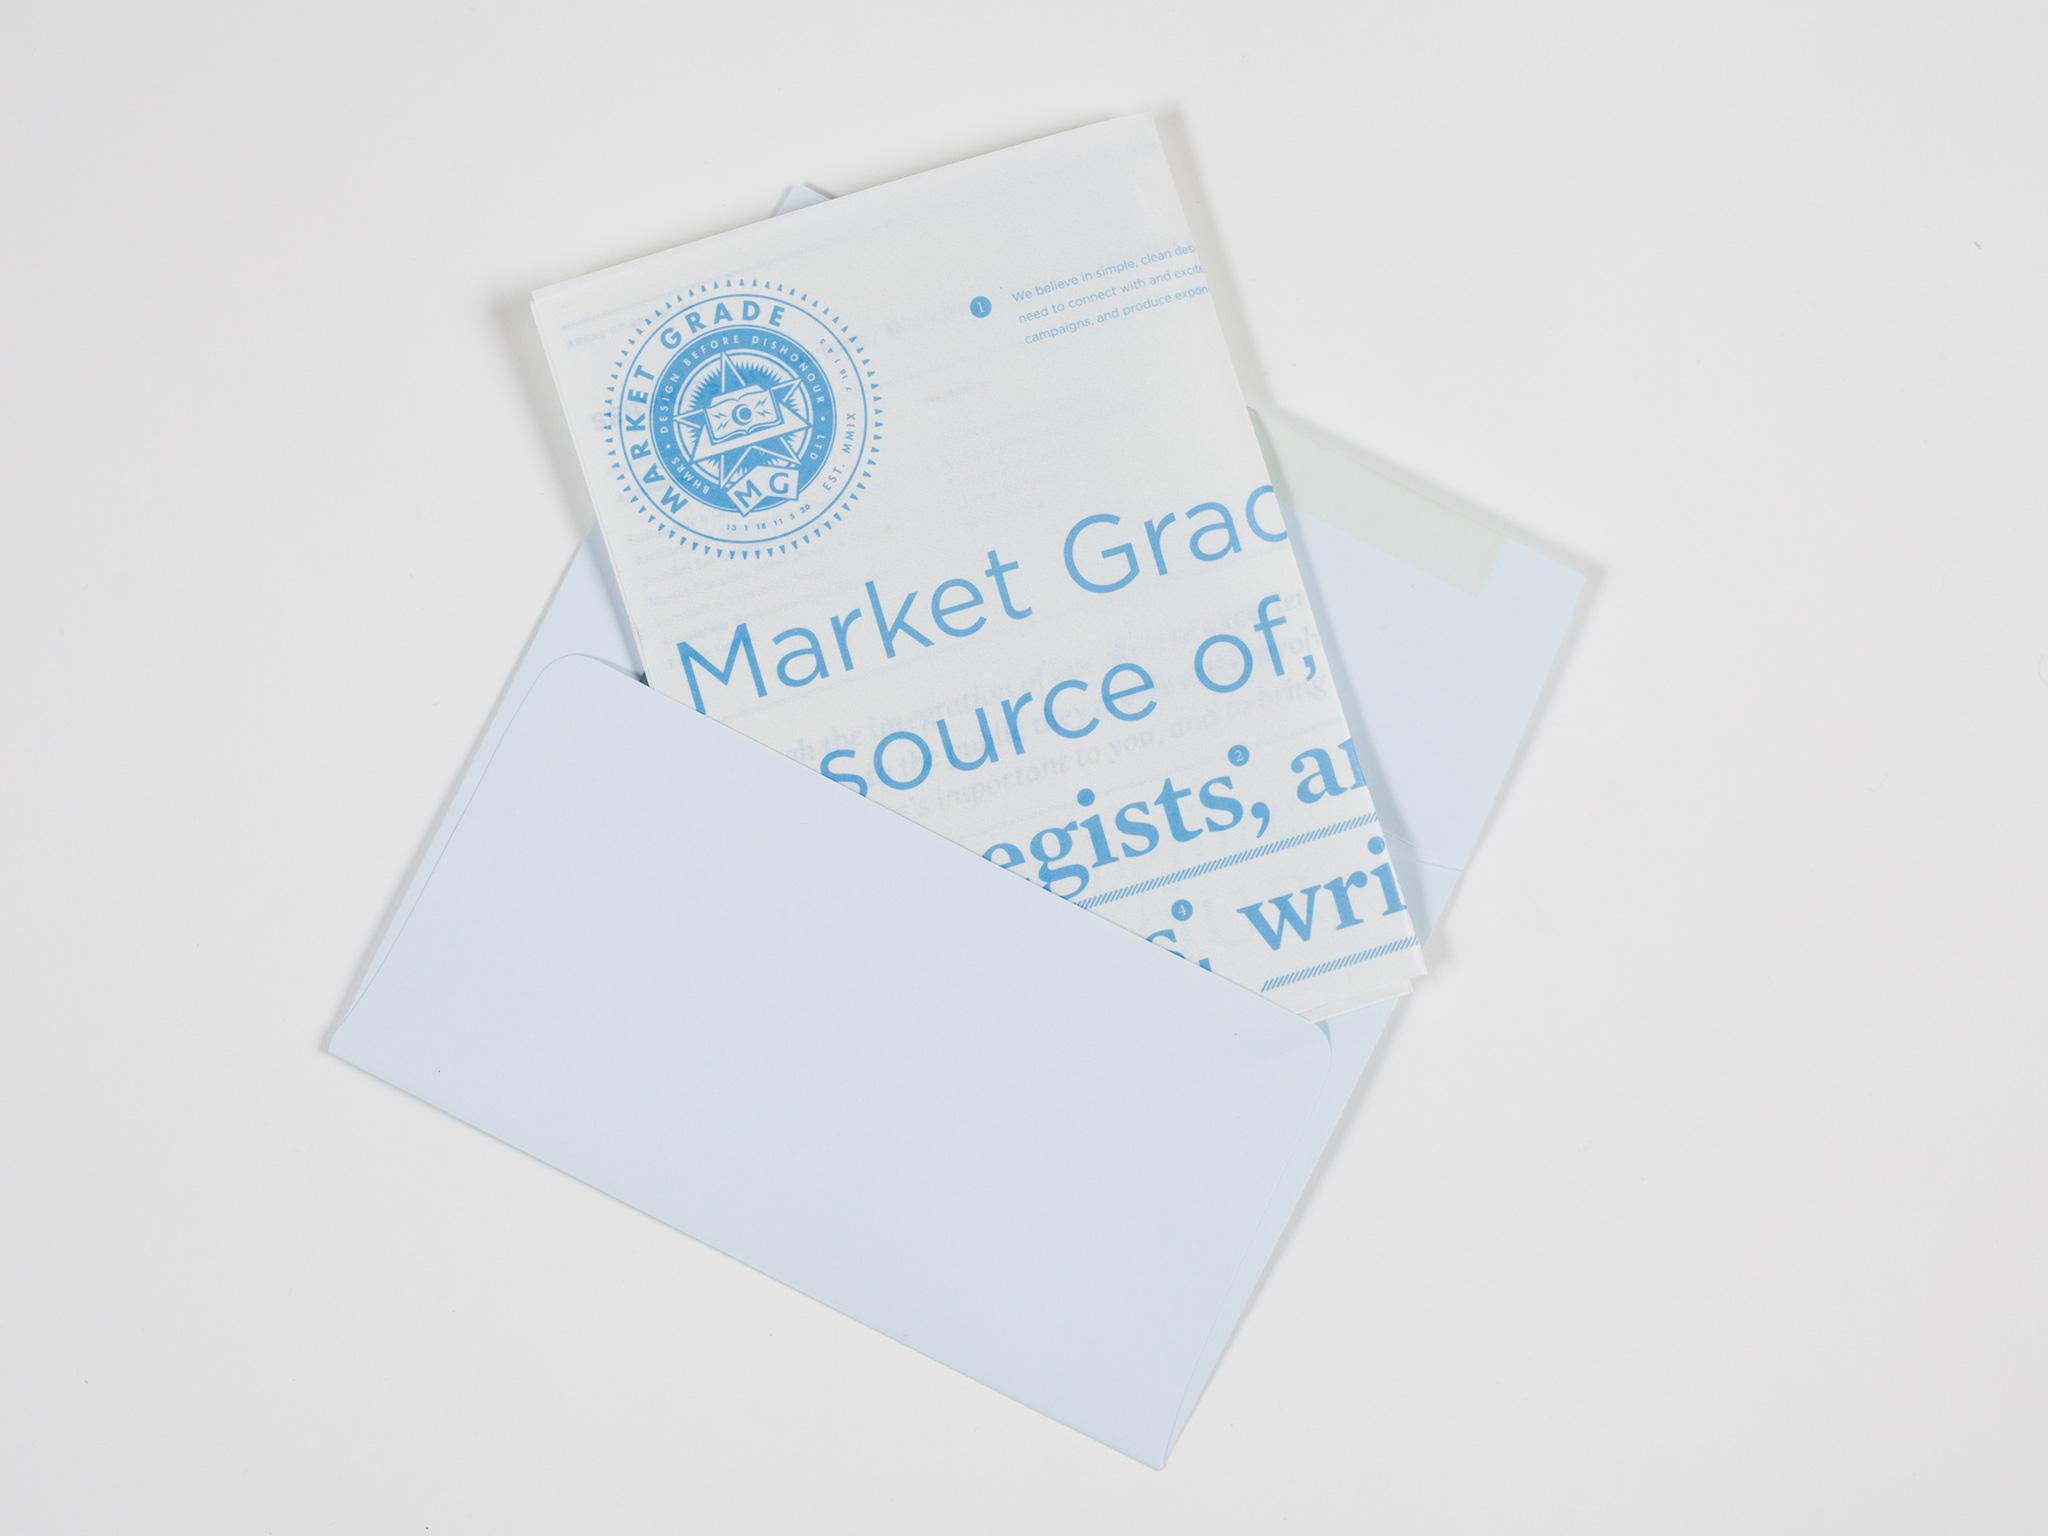 Market-Grade-Brochure-2.jpg